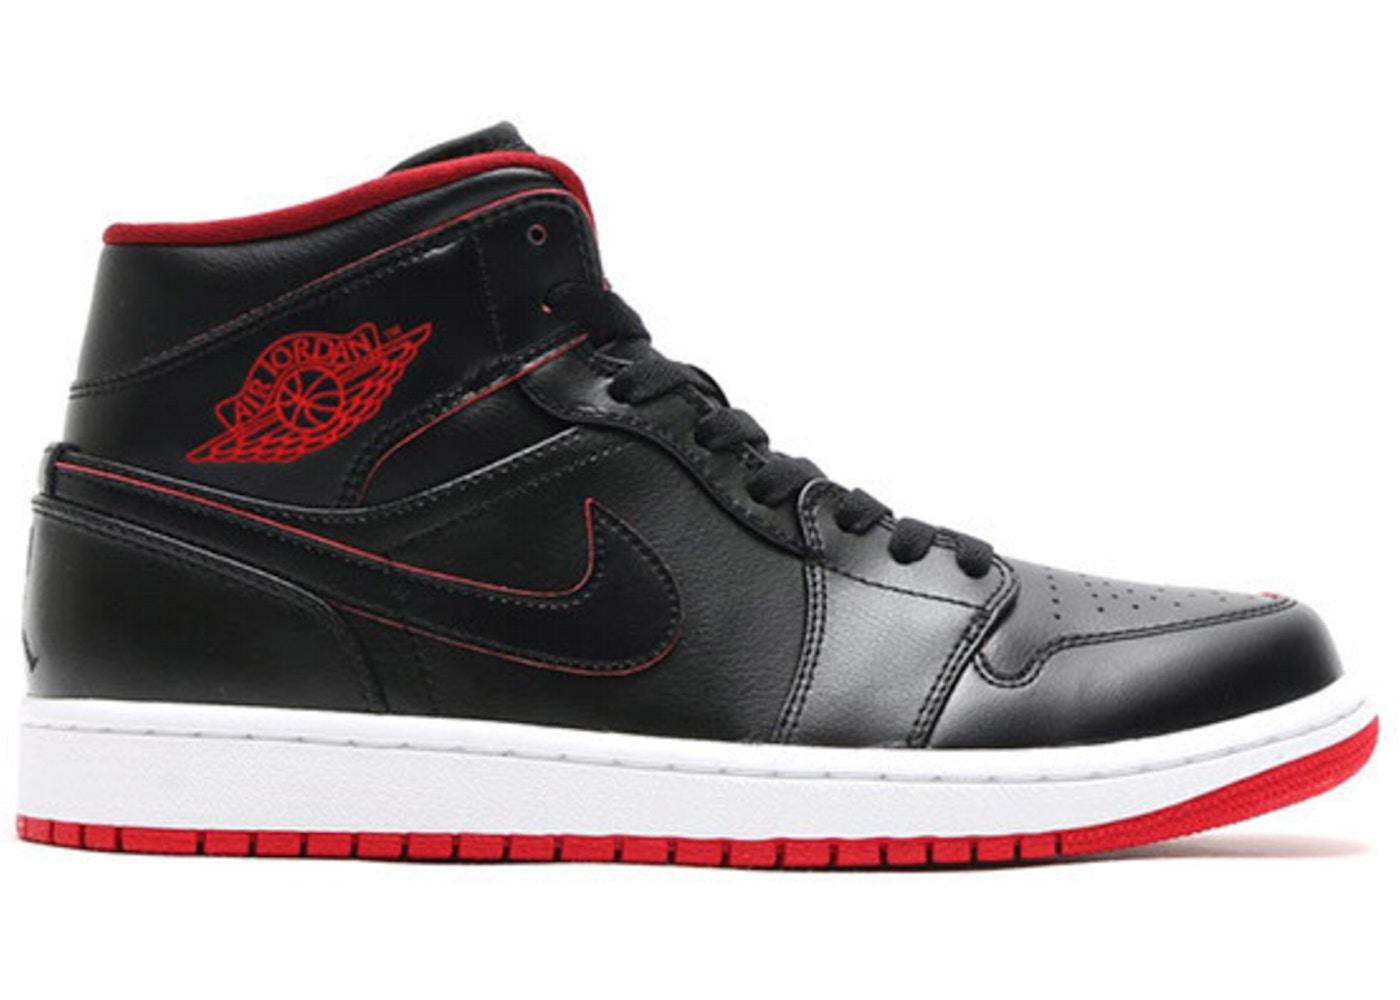 Jordan 1 Retro Mid Black Red White - 554724-028 3f0264c831ab